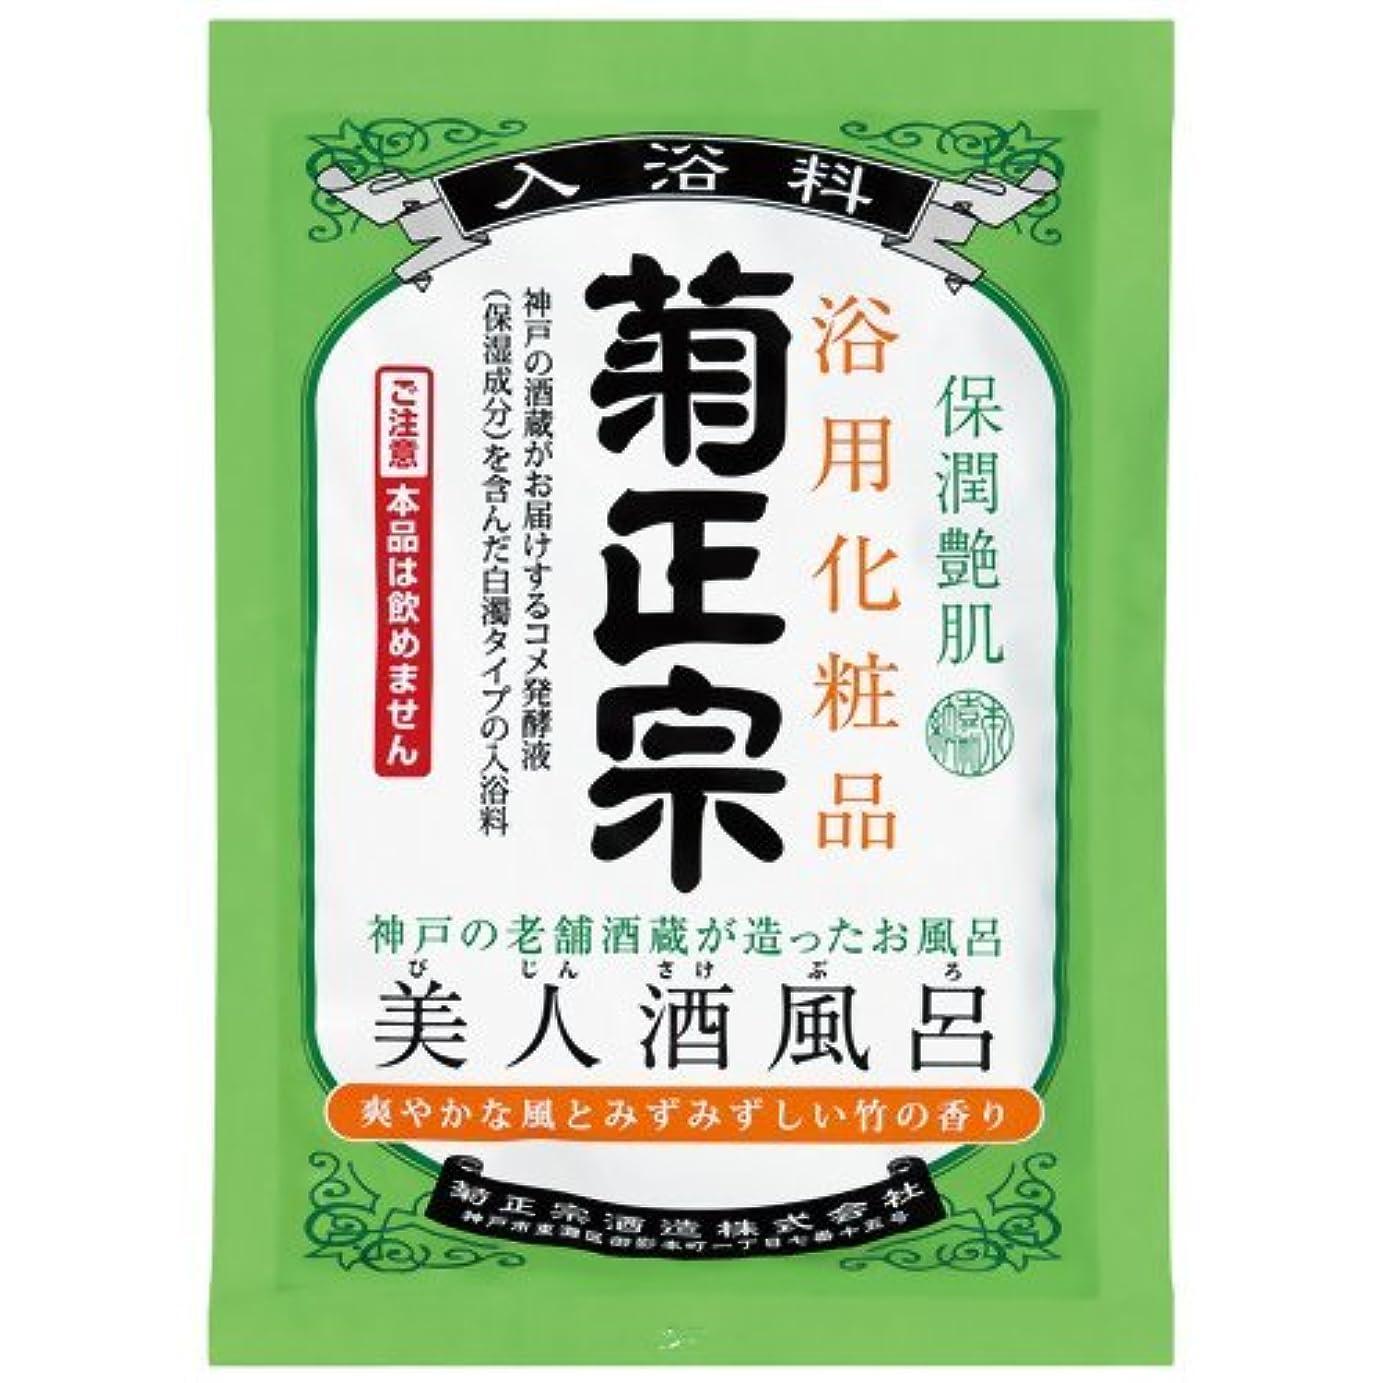 スペードコピー幸運なことに菊正宗 美人酒風呂 爽やかな風とみずみずしい竹の香り